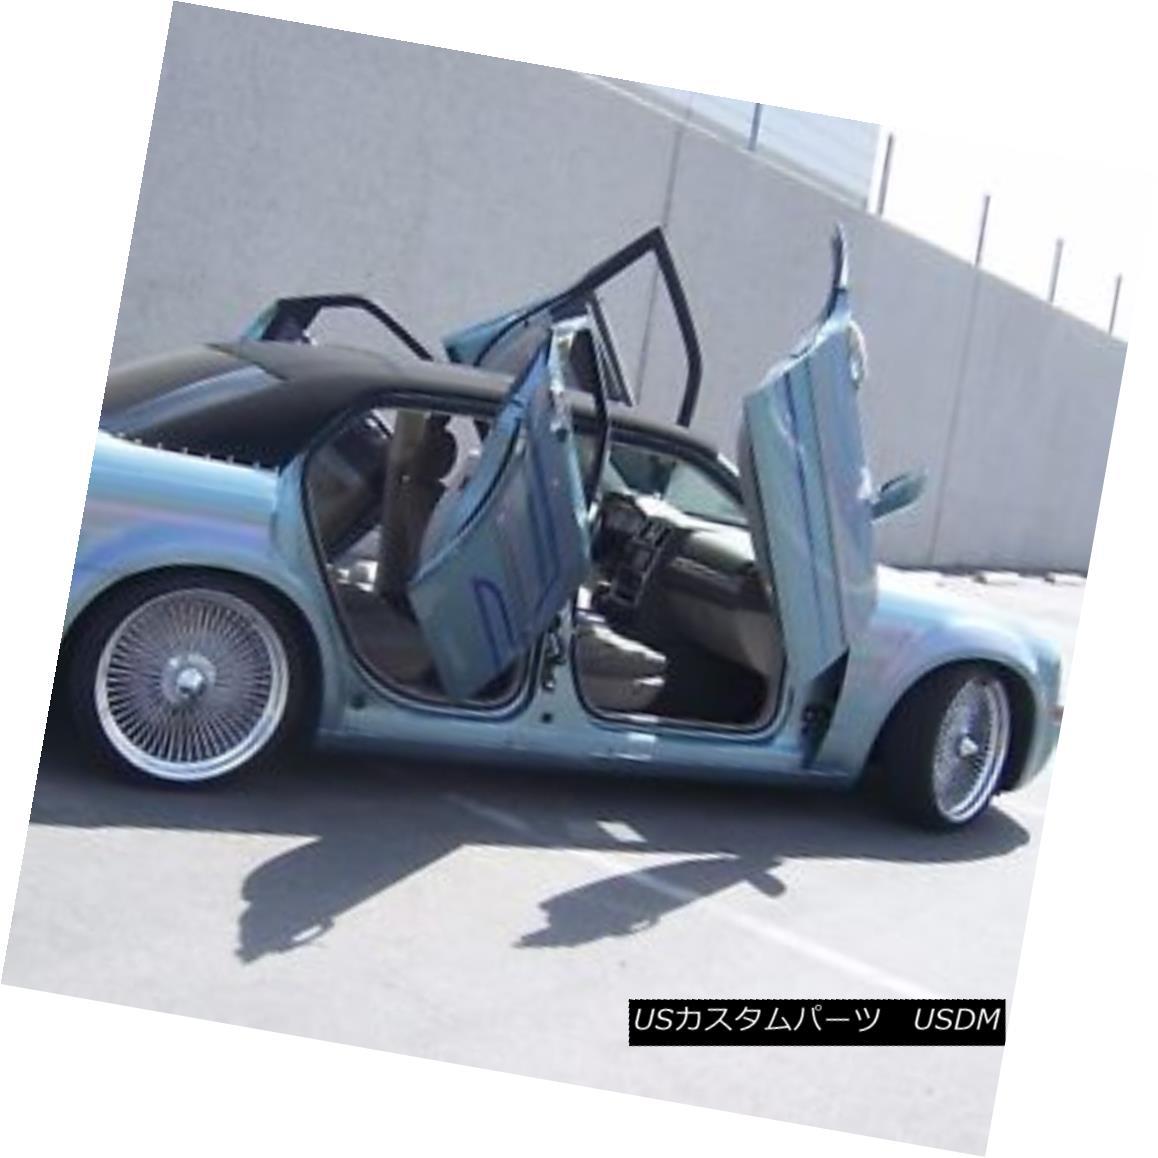 ガルウィングキット VDI Chrysler 300 2004-2010 Rear Door Bolt-On Vertical Lambo Doors VDI Chrysler 300 2004-2010リアドアボルトオン式垂直ランボルフト